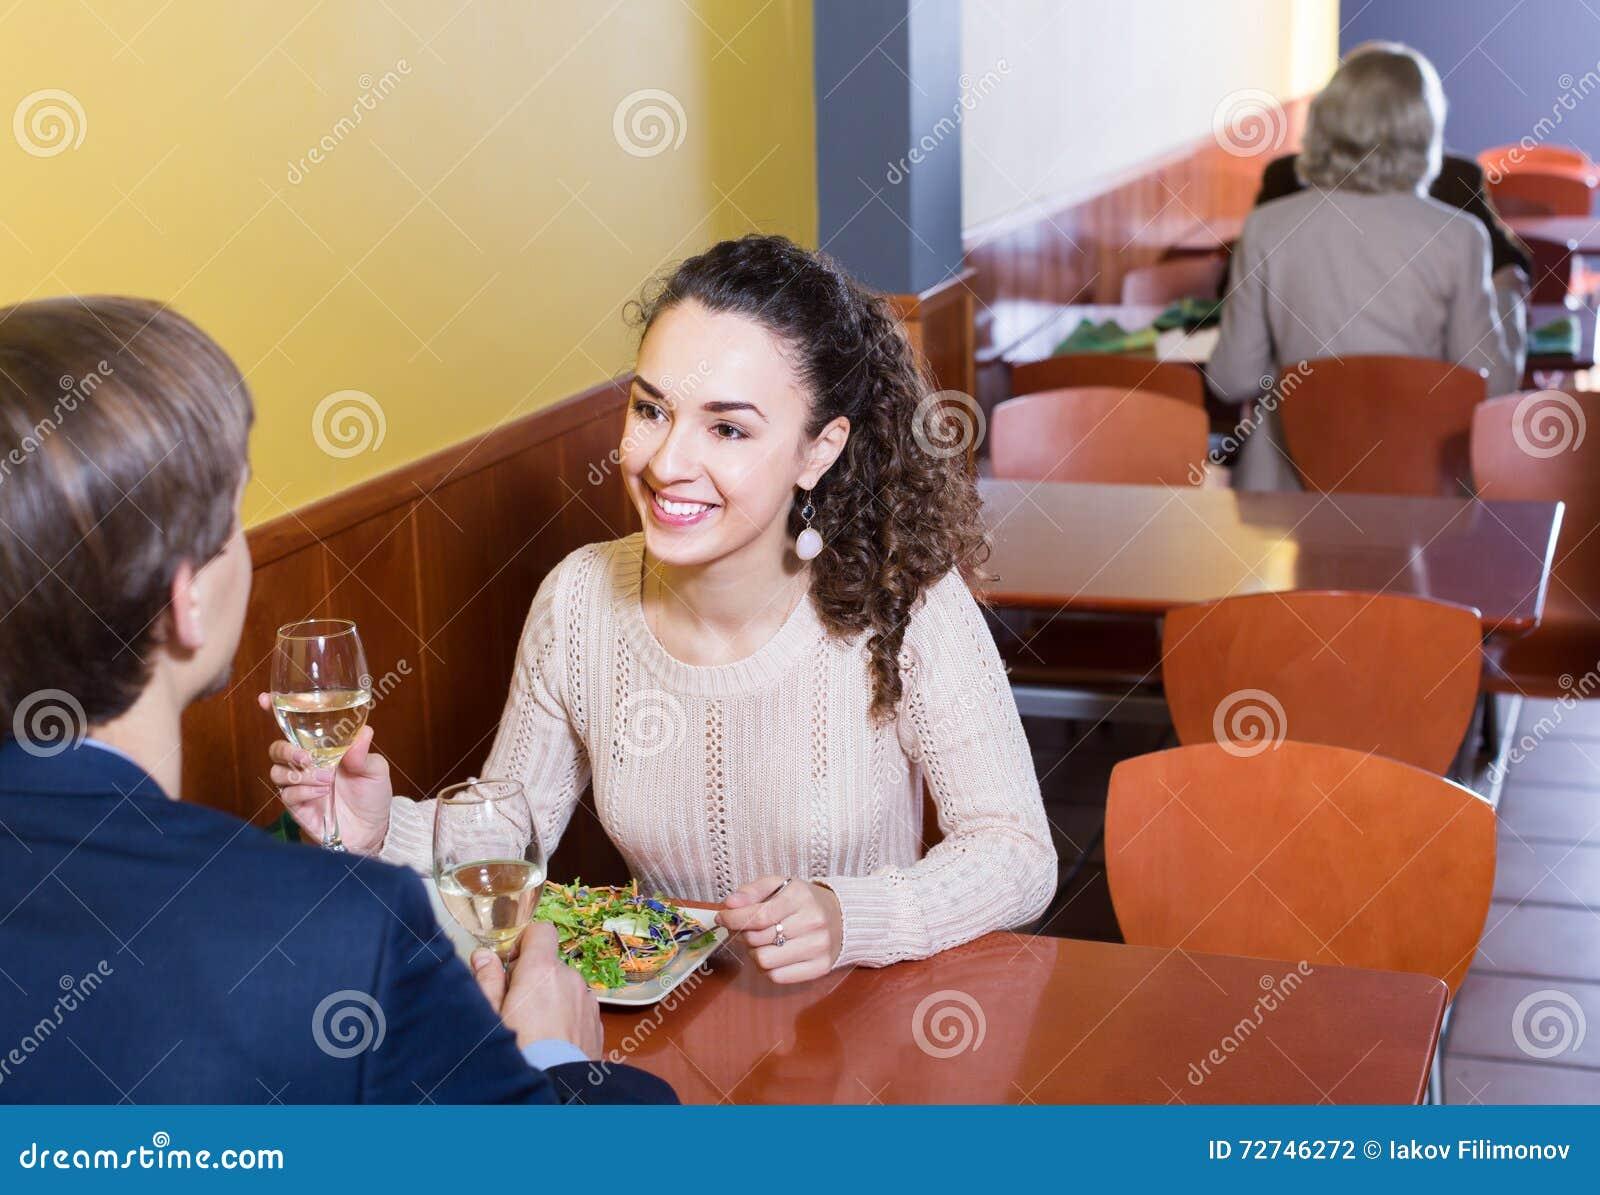 women Date adult